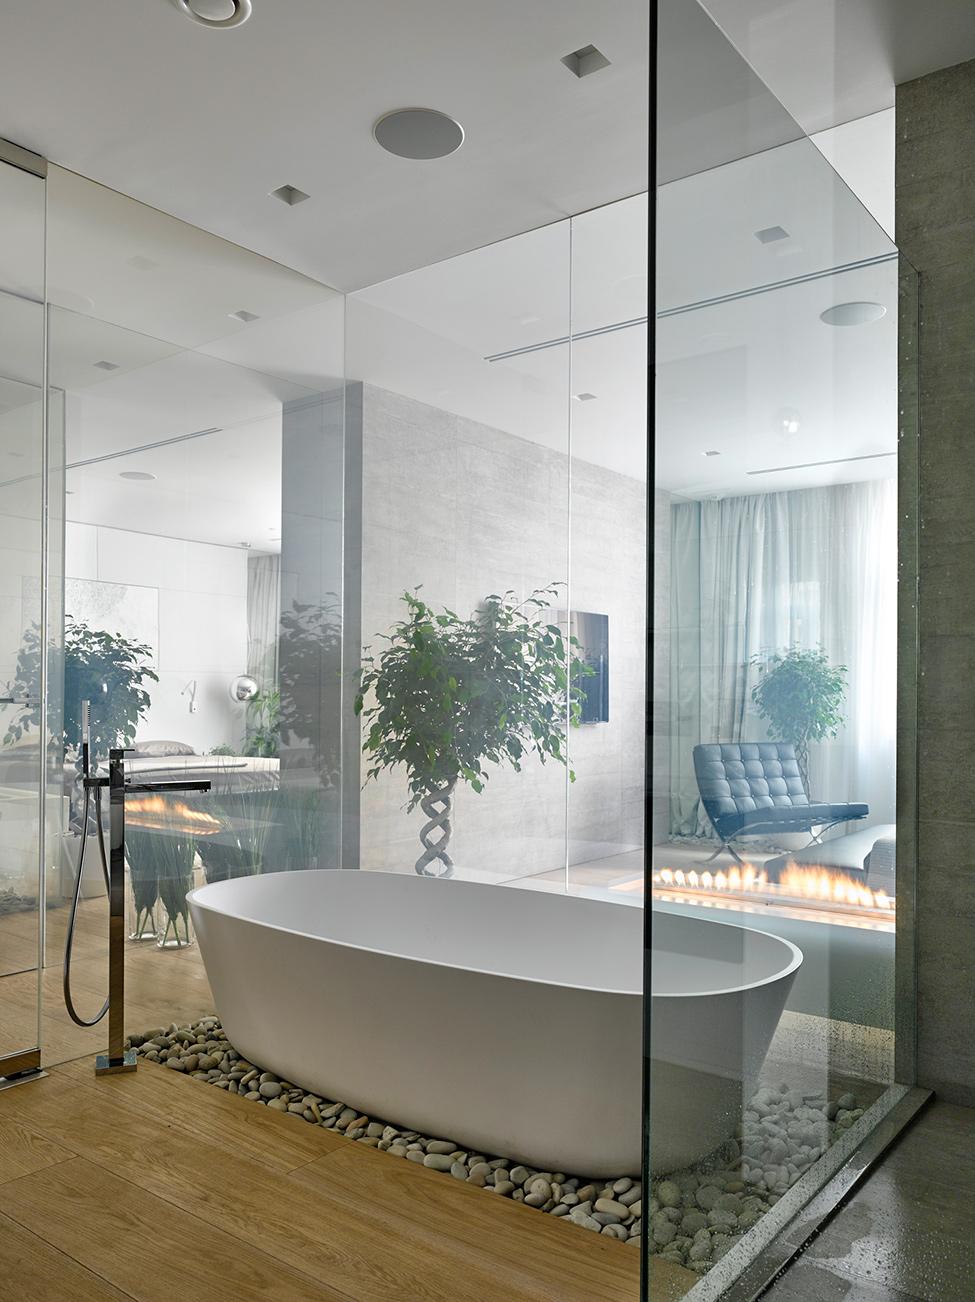 O banheiro é incrível com uma banheira gigante